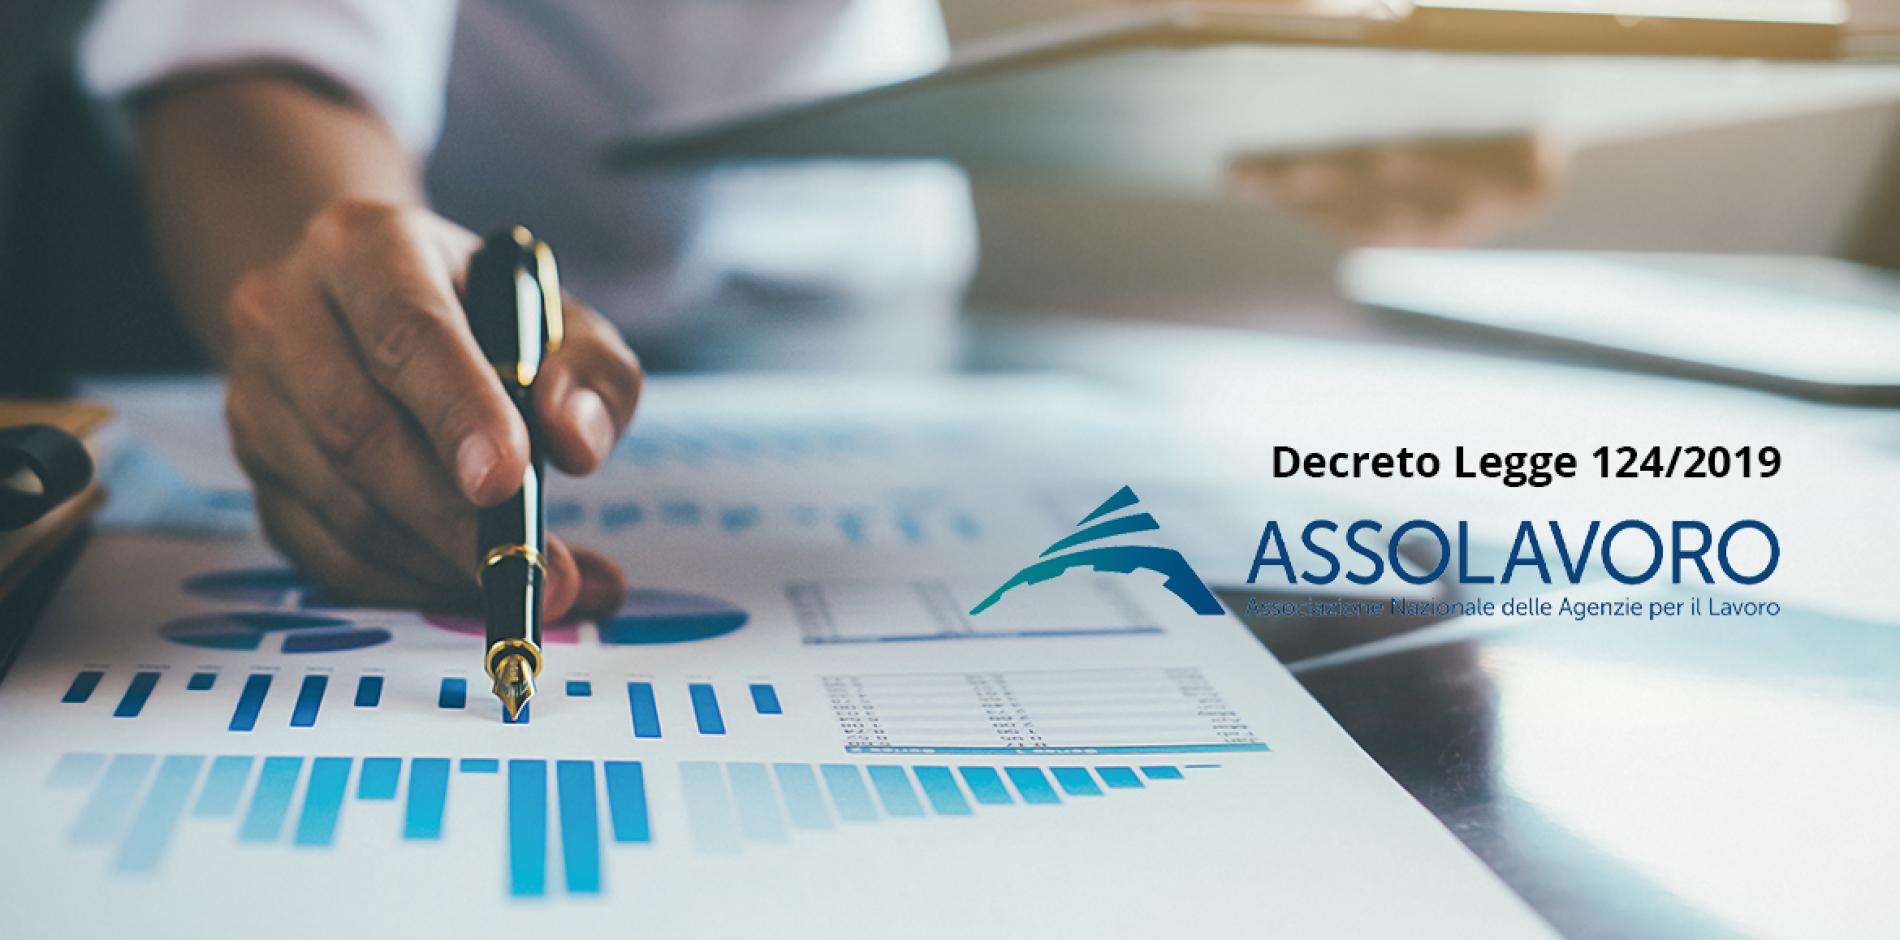 Decreto Legge 124/2019 – Come cambia la disciplina dell'appalto dal 1° Gennaio 2020